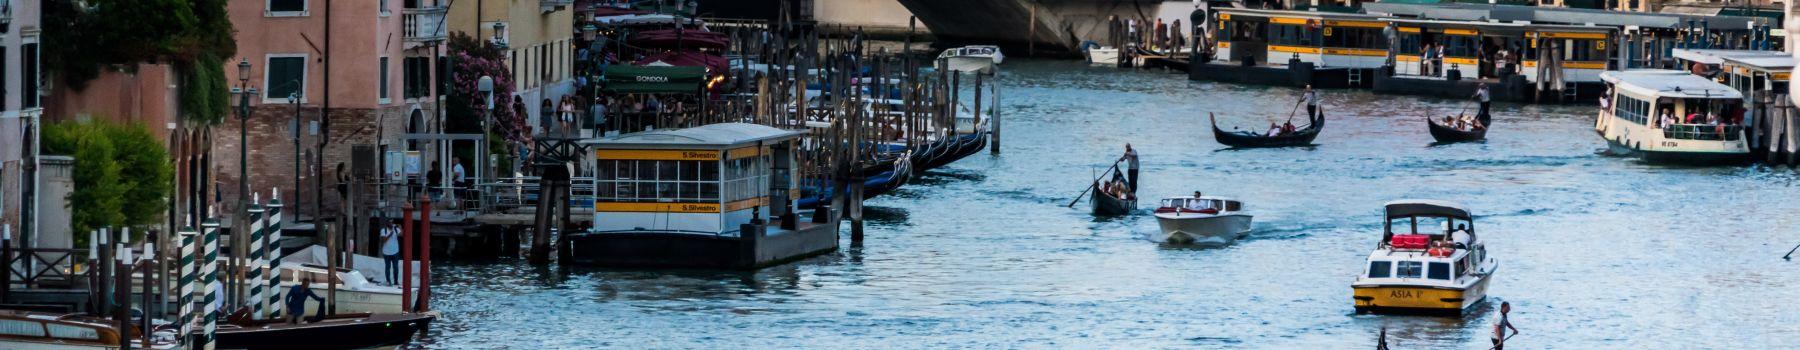 Paseo en venecia: descubriendo a la Serenissima Venecia en bus desde Rimini